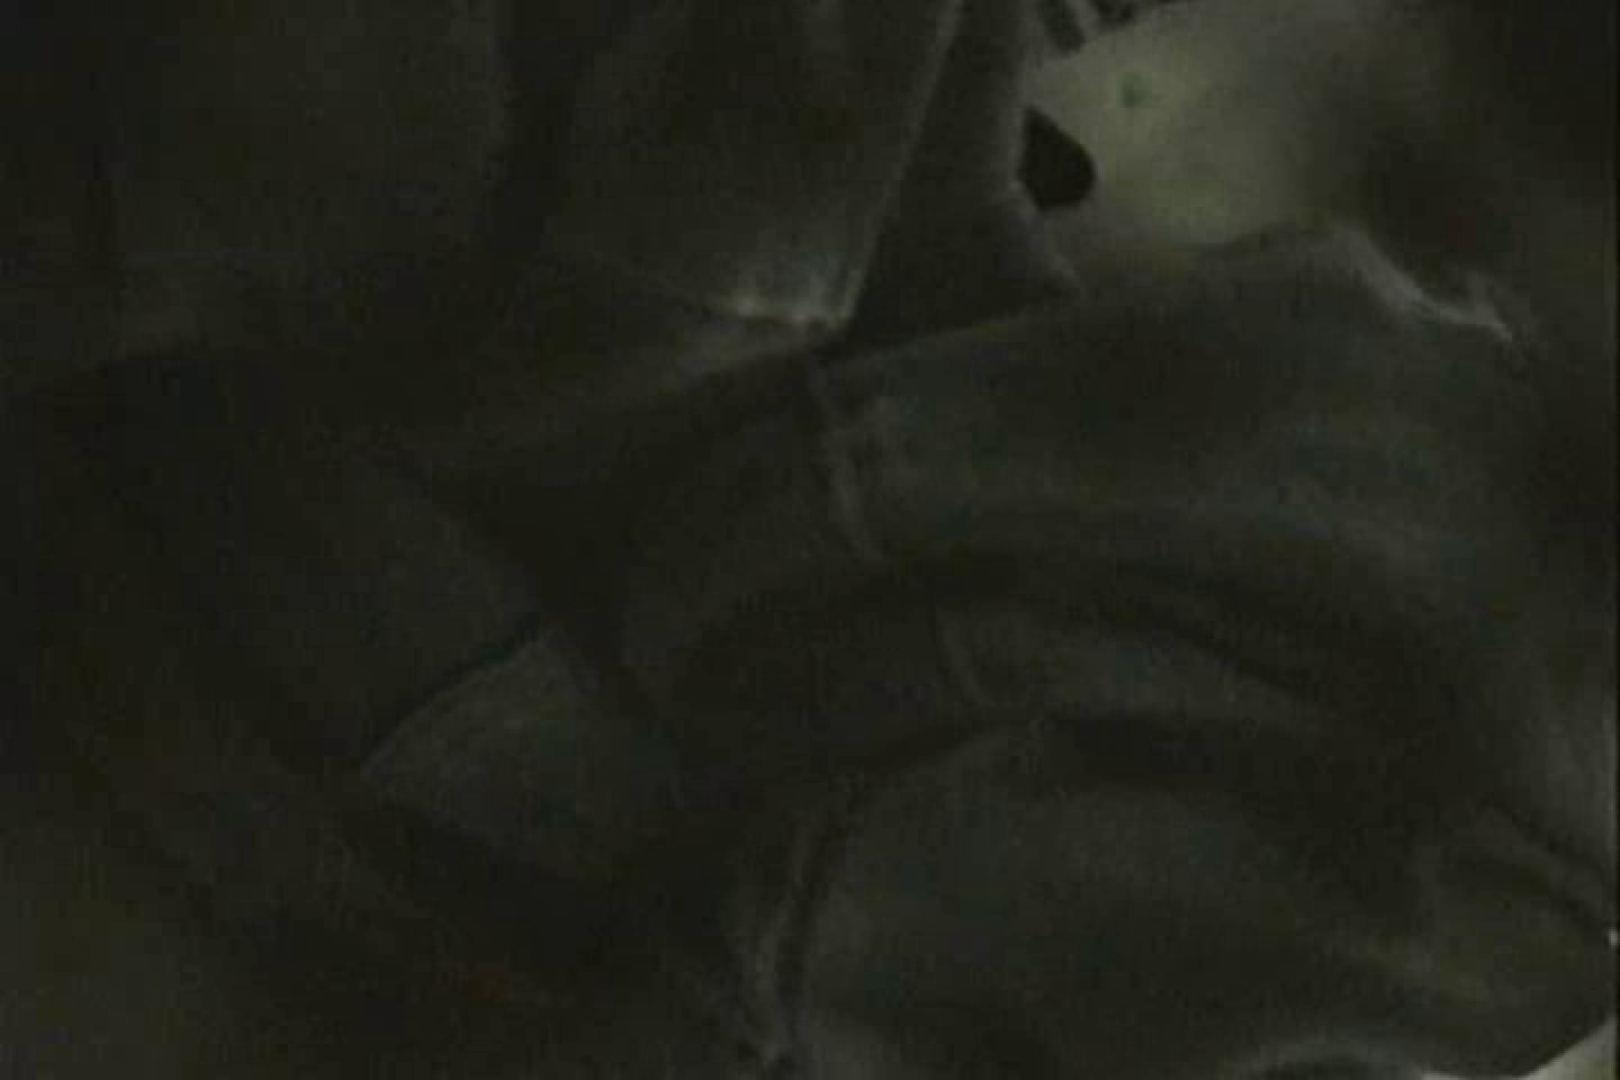 車内洗面所盗撮 電車ゆれればお尻もゆれる TK-98 盗撮師作品 オメコ動画キャプチャ 101pic 37